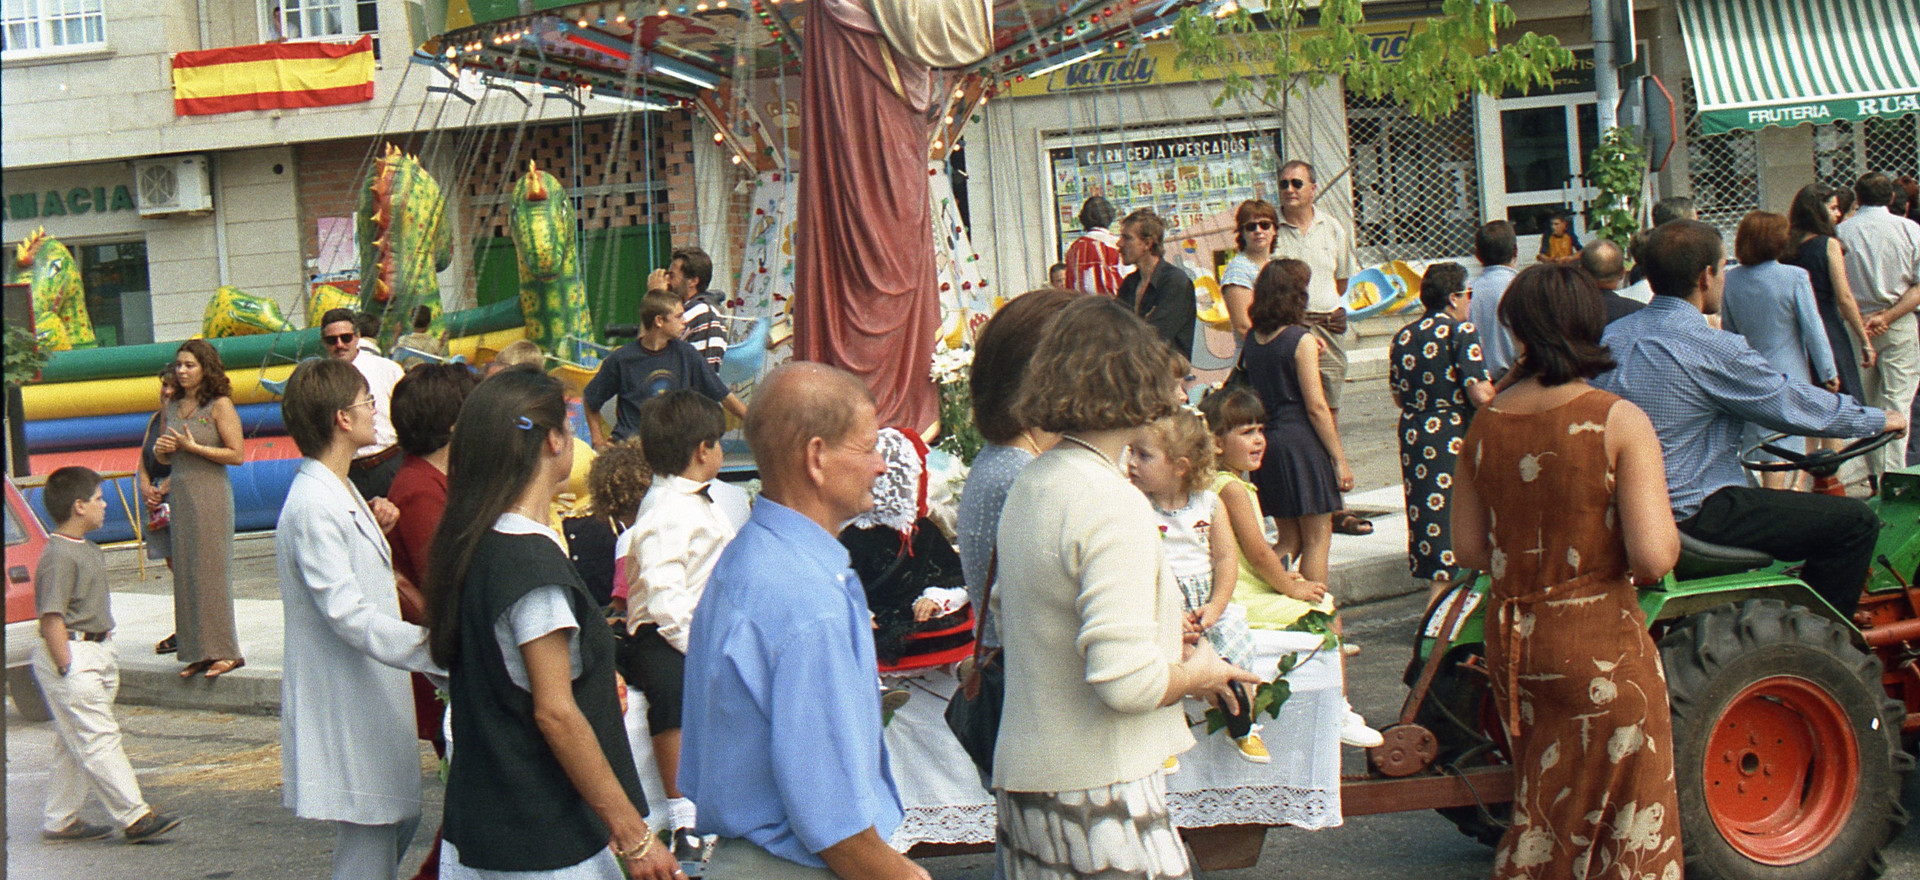 99_09_04_Mozos e mozas de Beluso_011.jpg